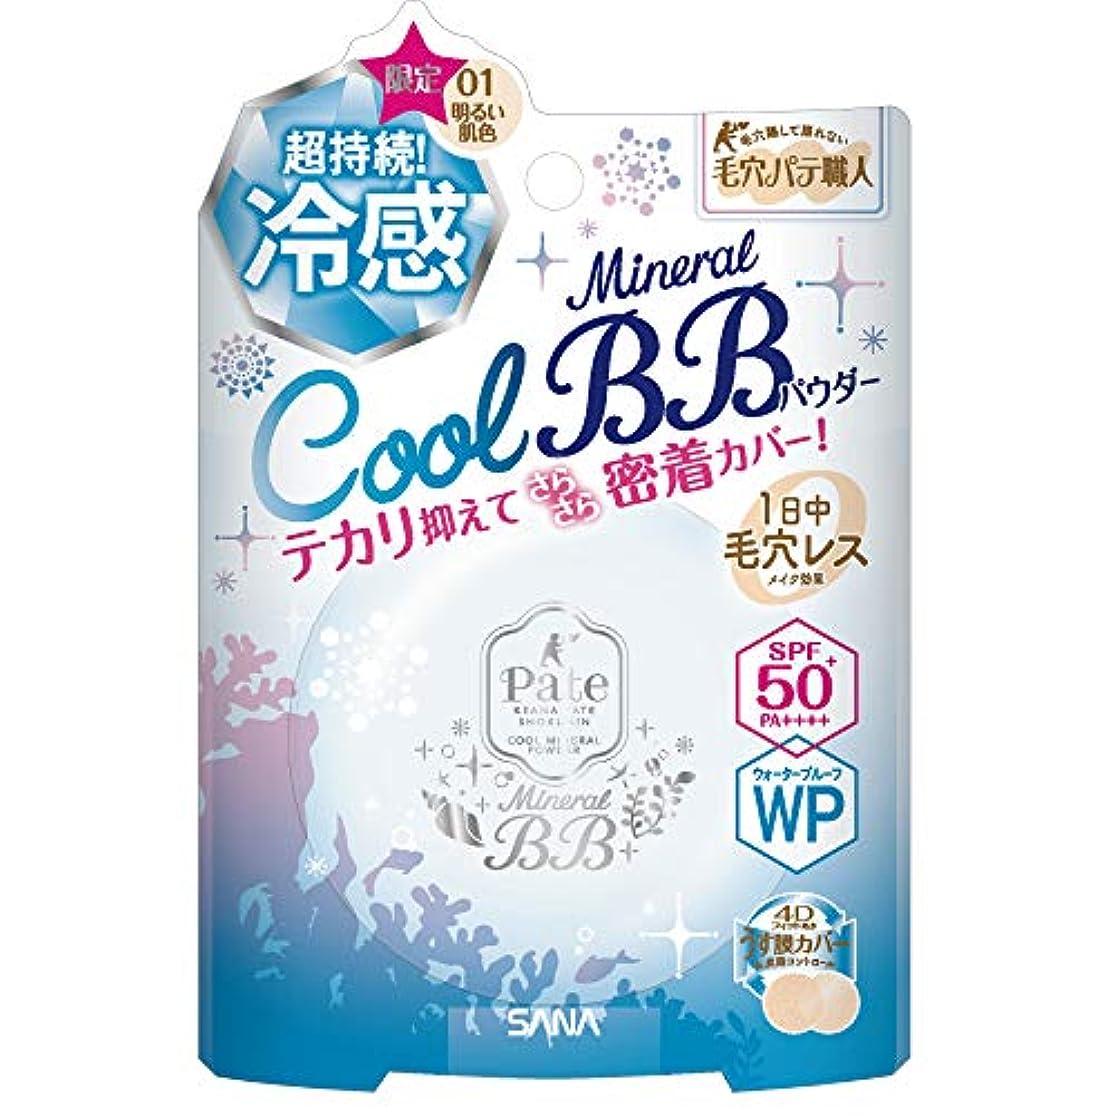 規定セージカート毛穴パテ職人 ミネラルBBパウダーCOOL 01 明るい肌色 ウォータープルーフ SPF50+ PA++++